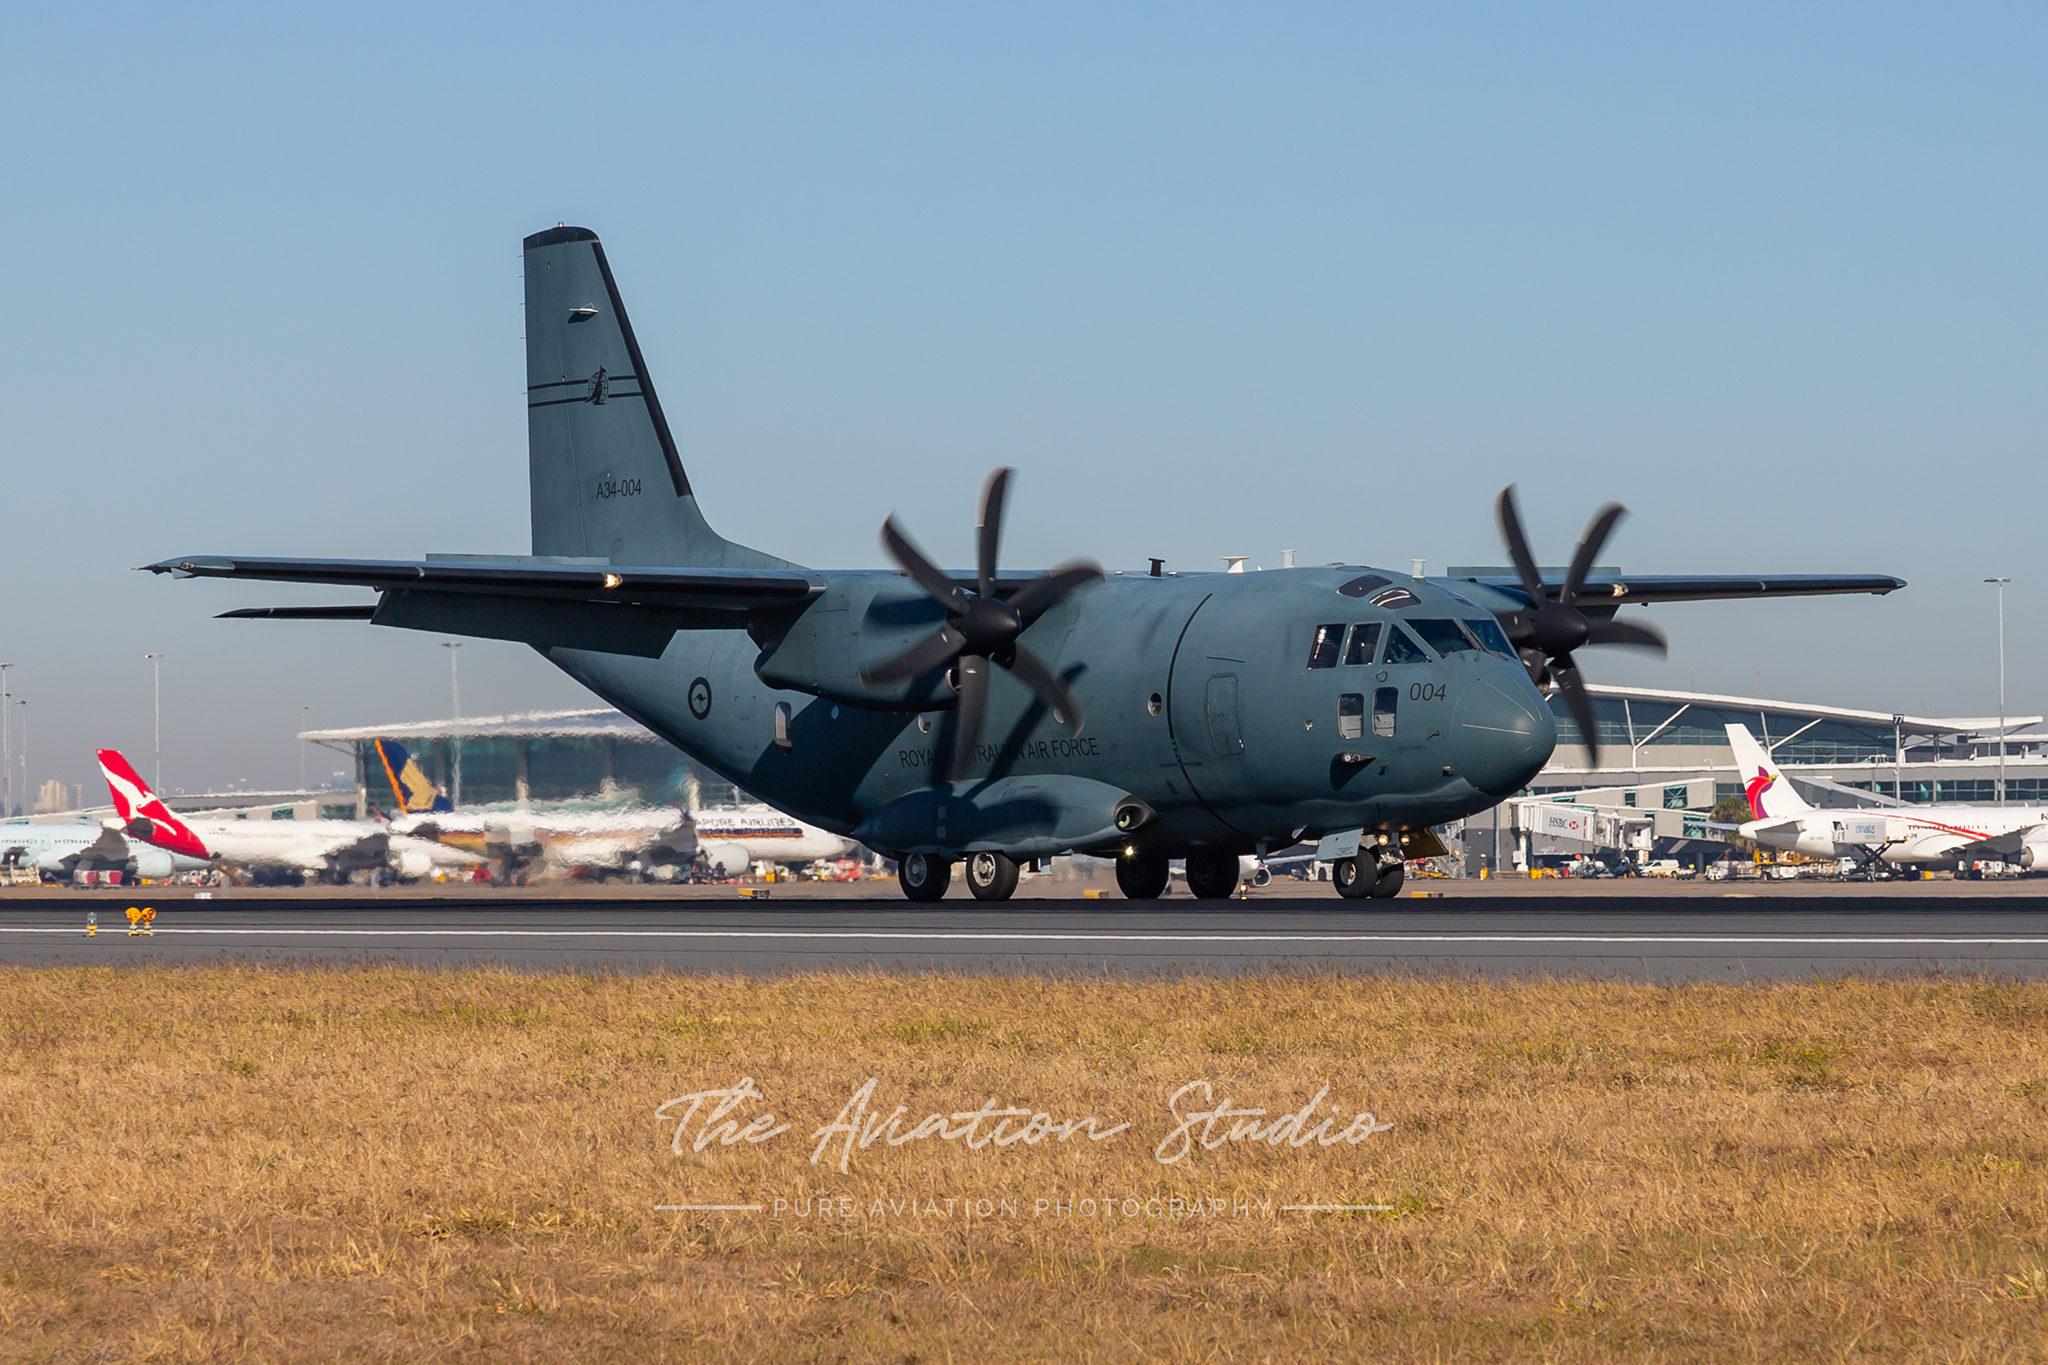 Royal Australian Air Force C-27 Spartan - A34-004 - BNE